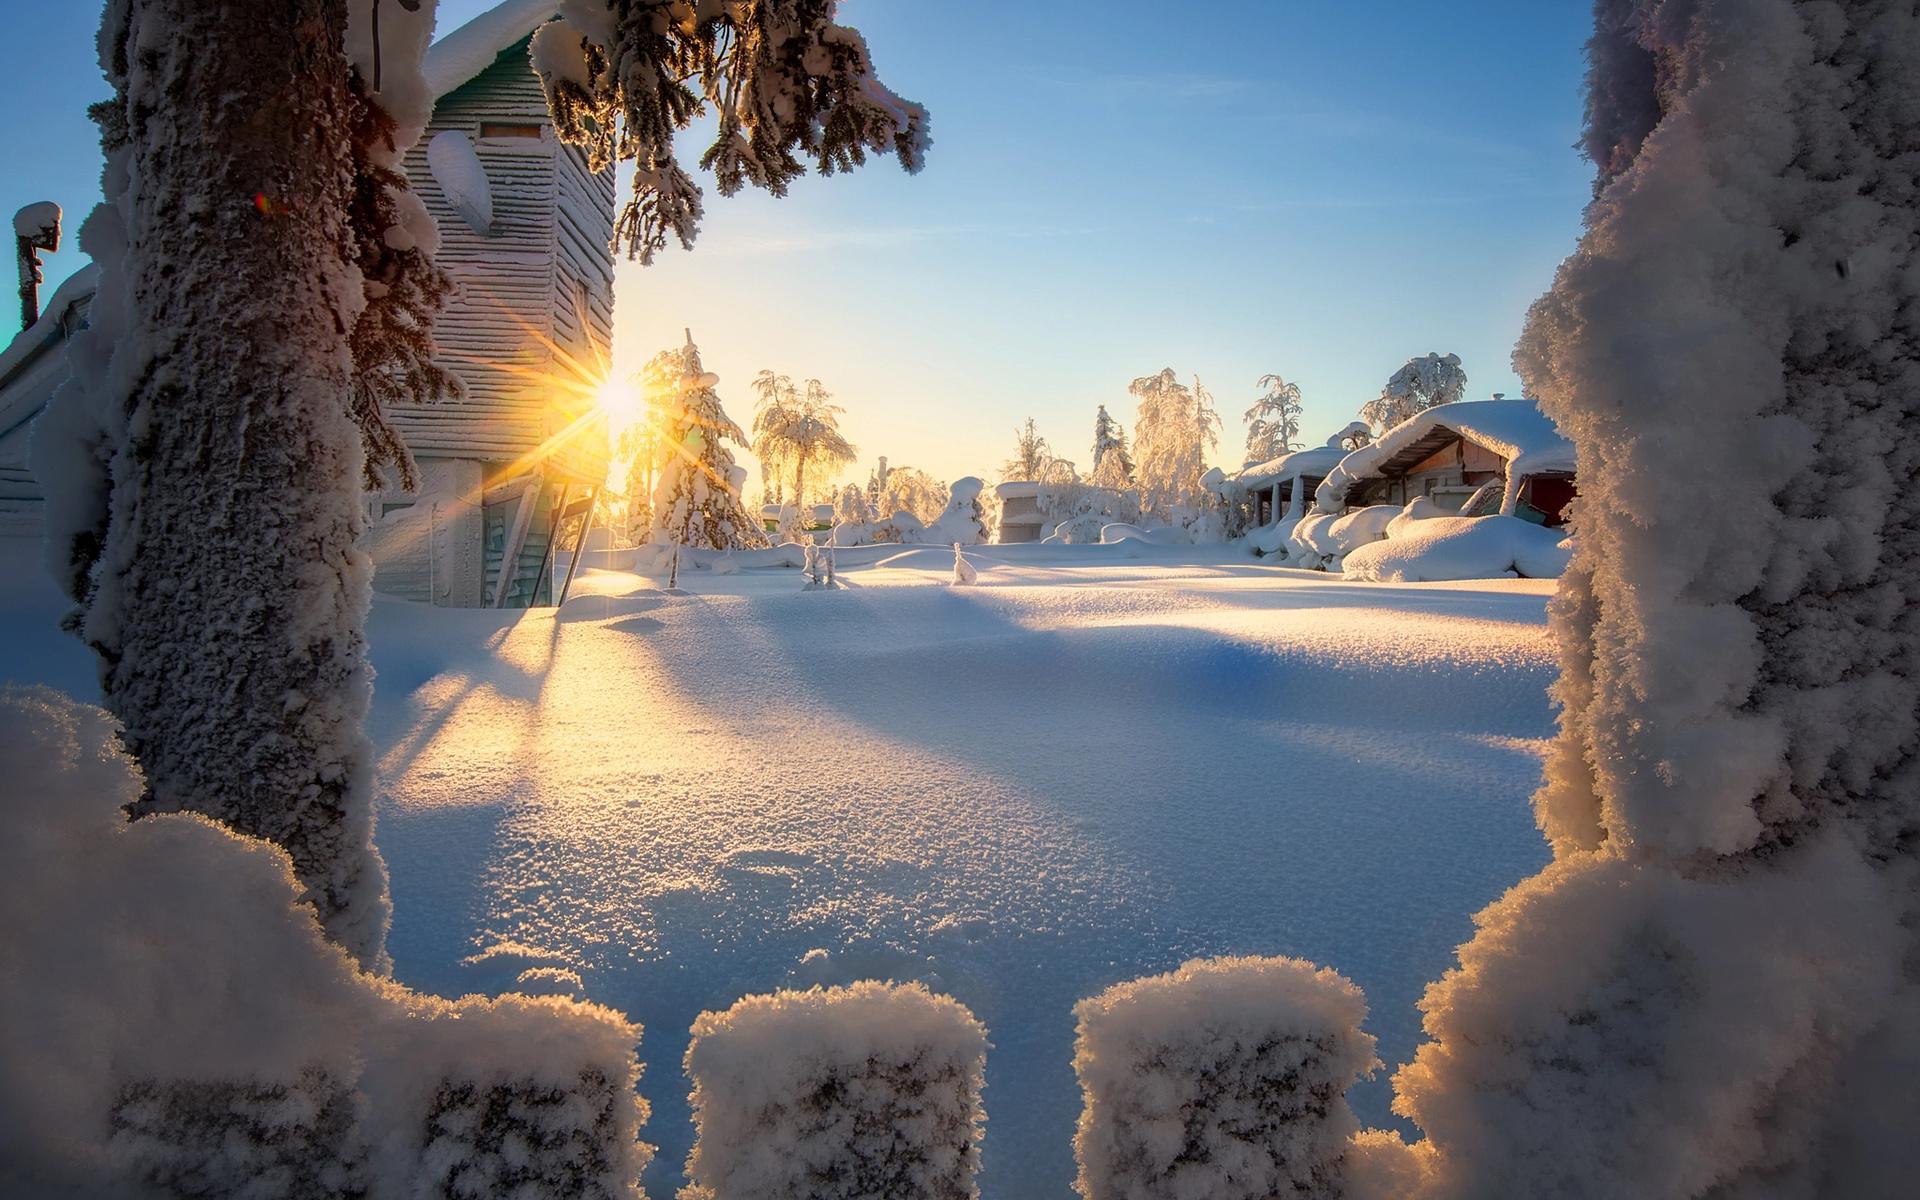 красивые зимние картинки просто так